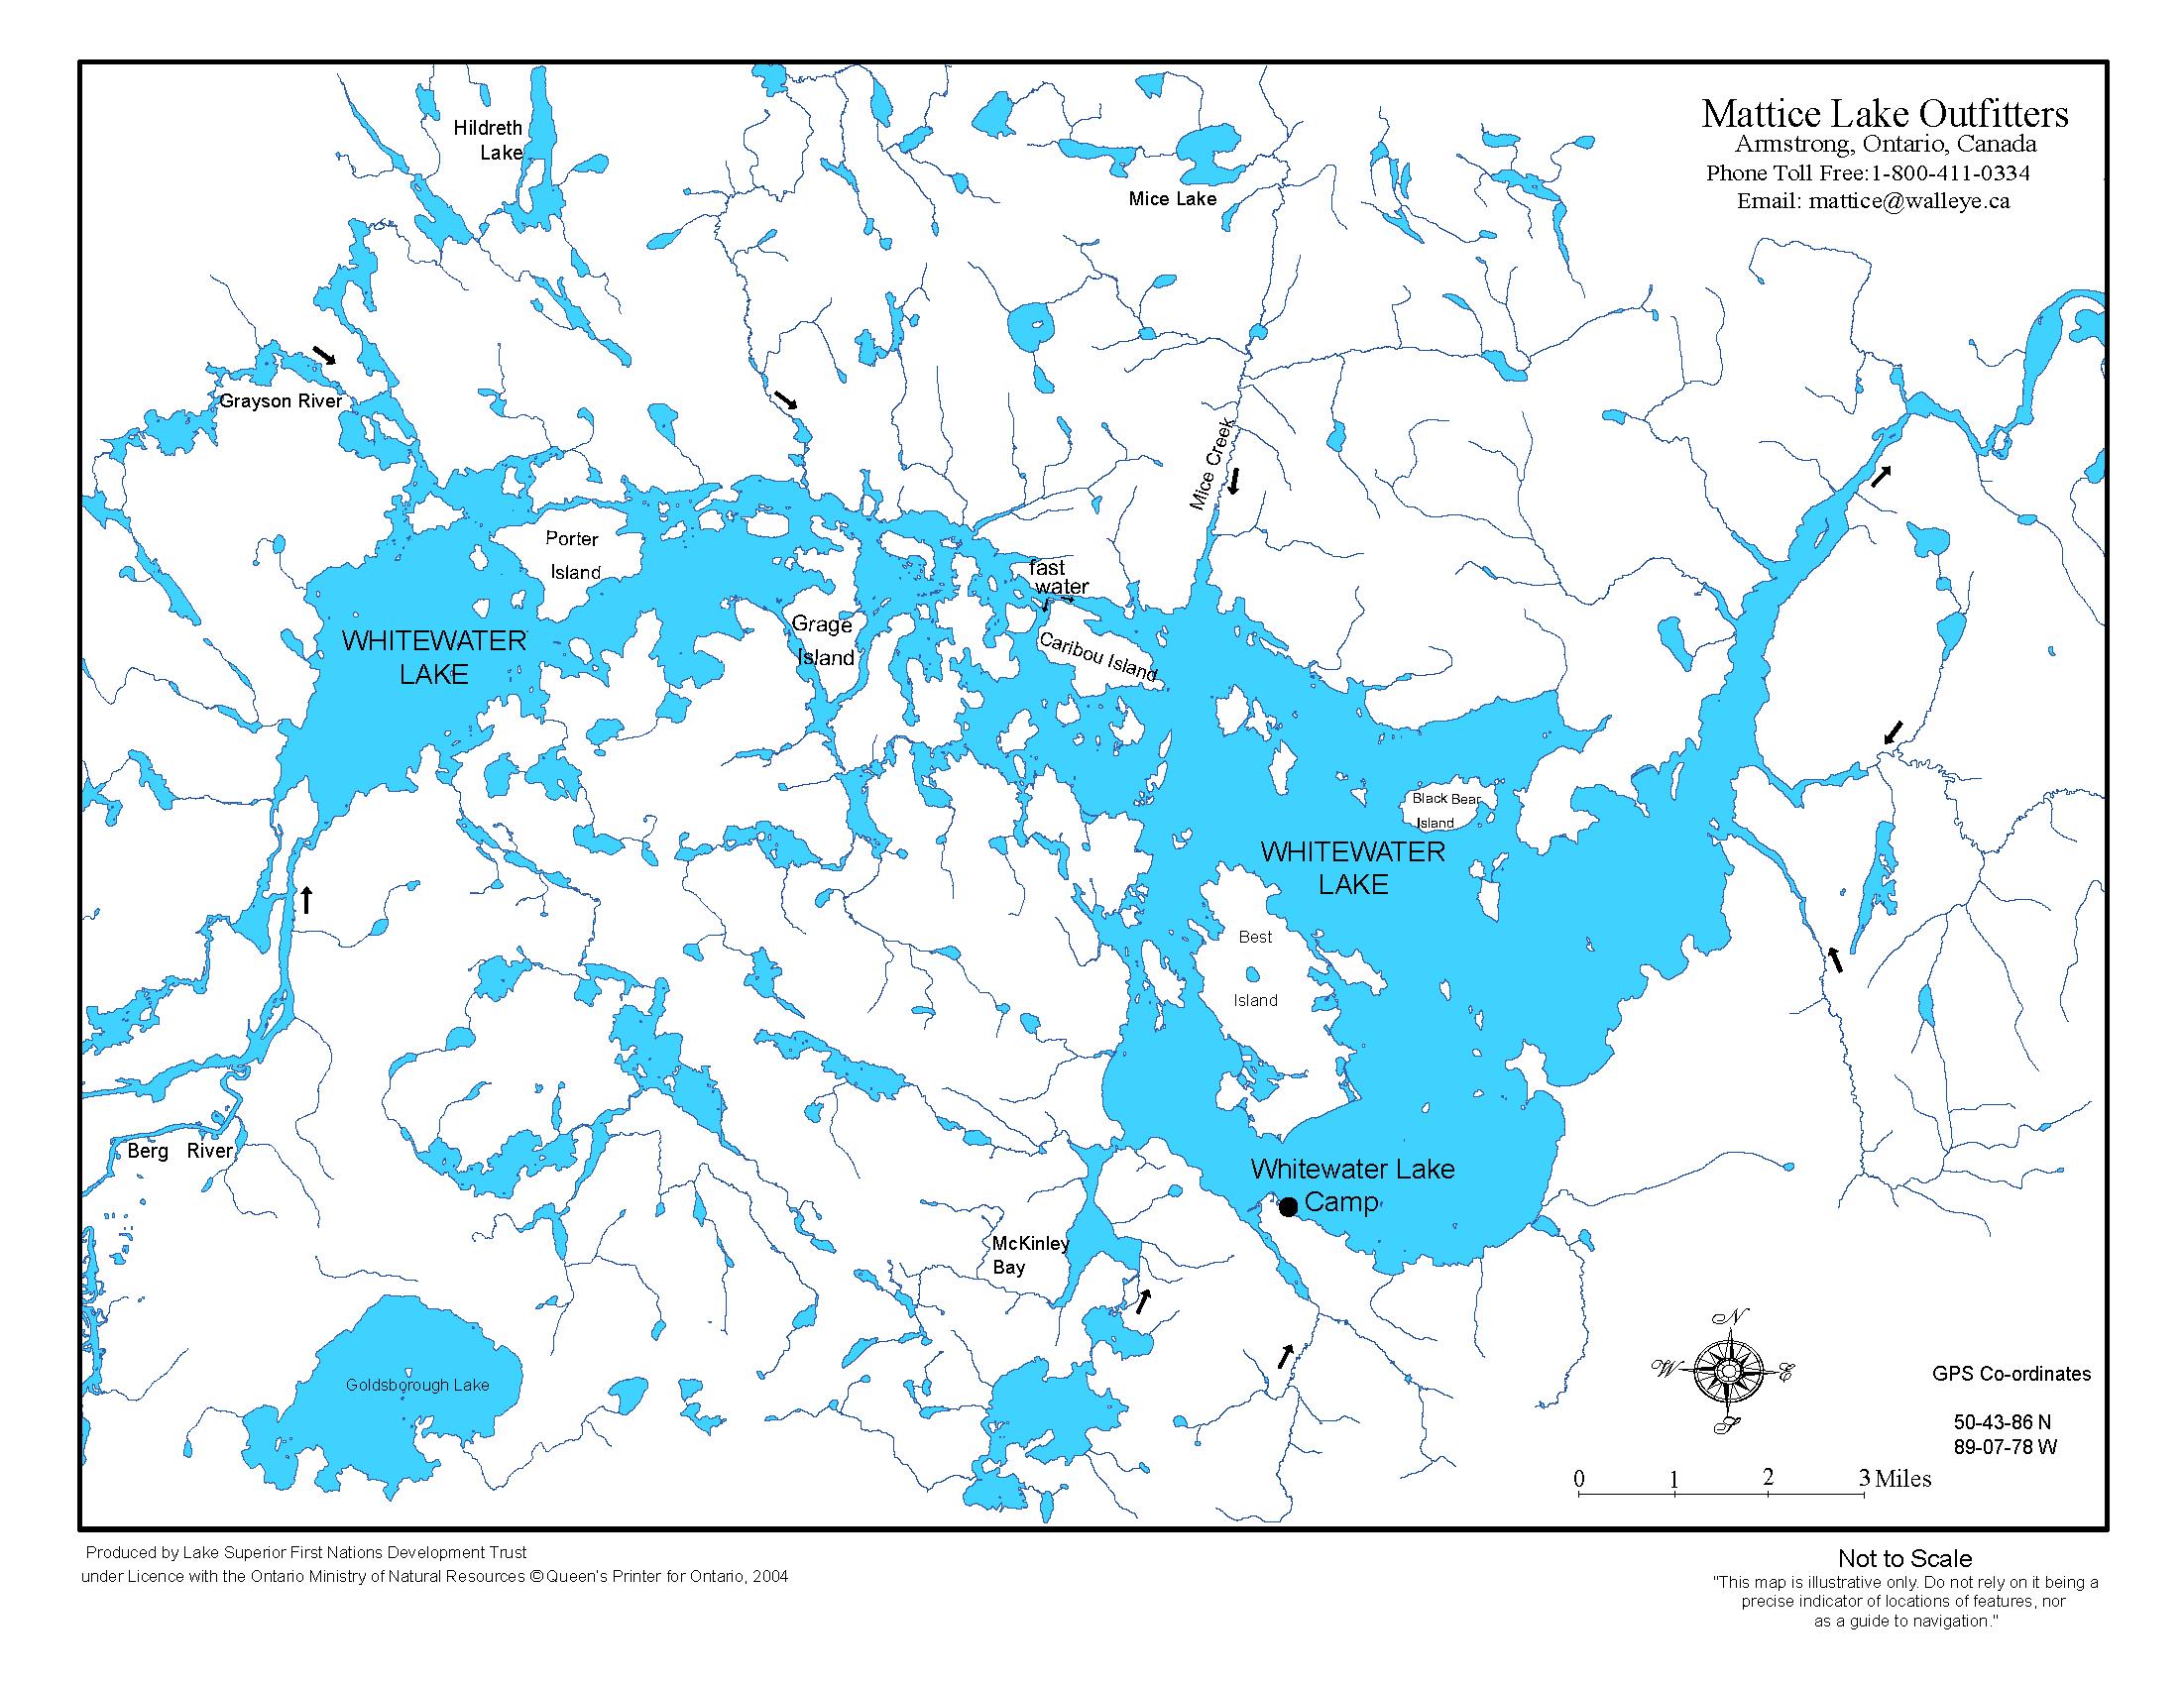 Whitewater Lake Ontario Northern Pike Fishing Lodging Mattice - Ontario fishing lakes maps